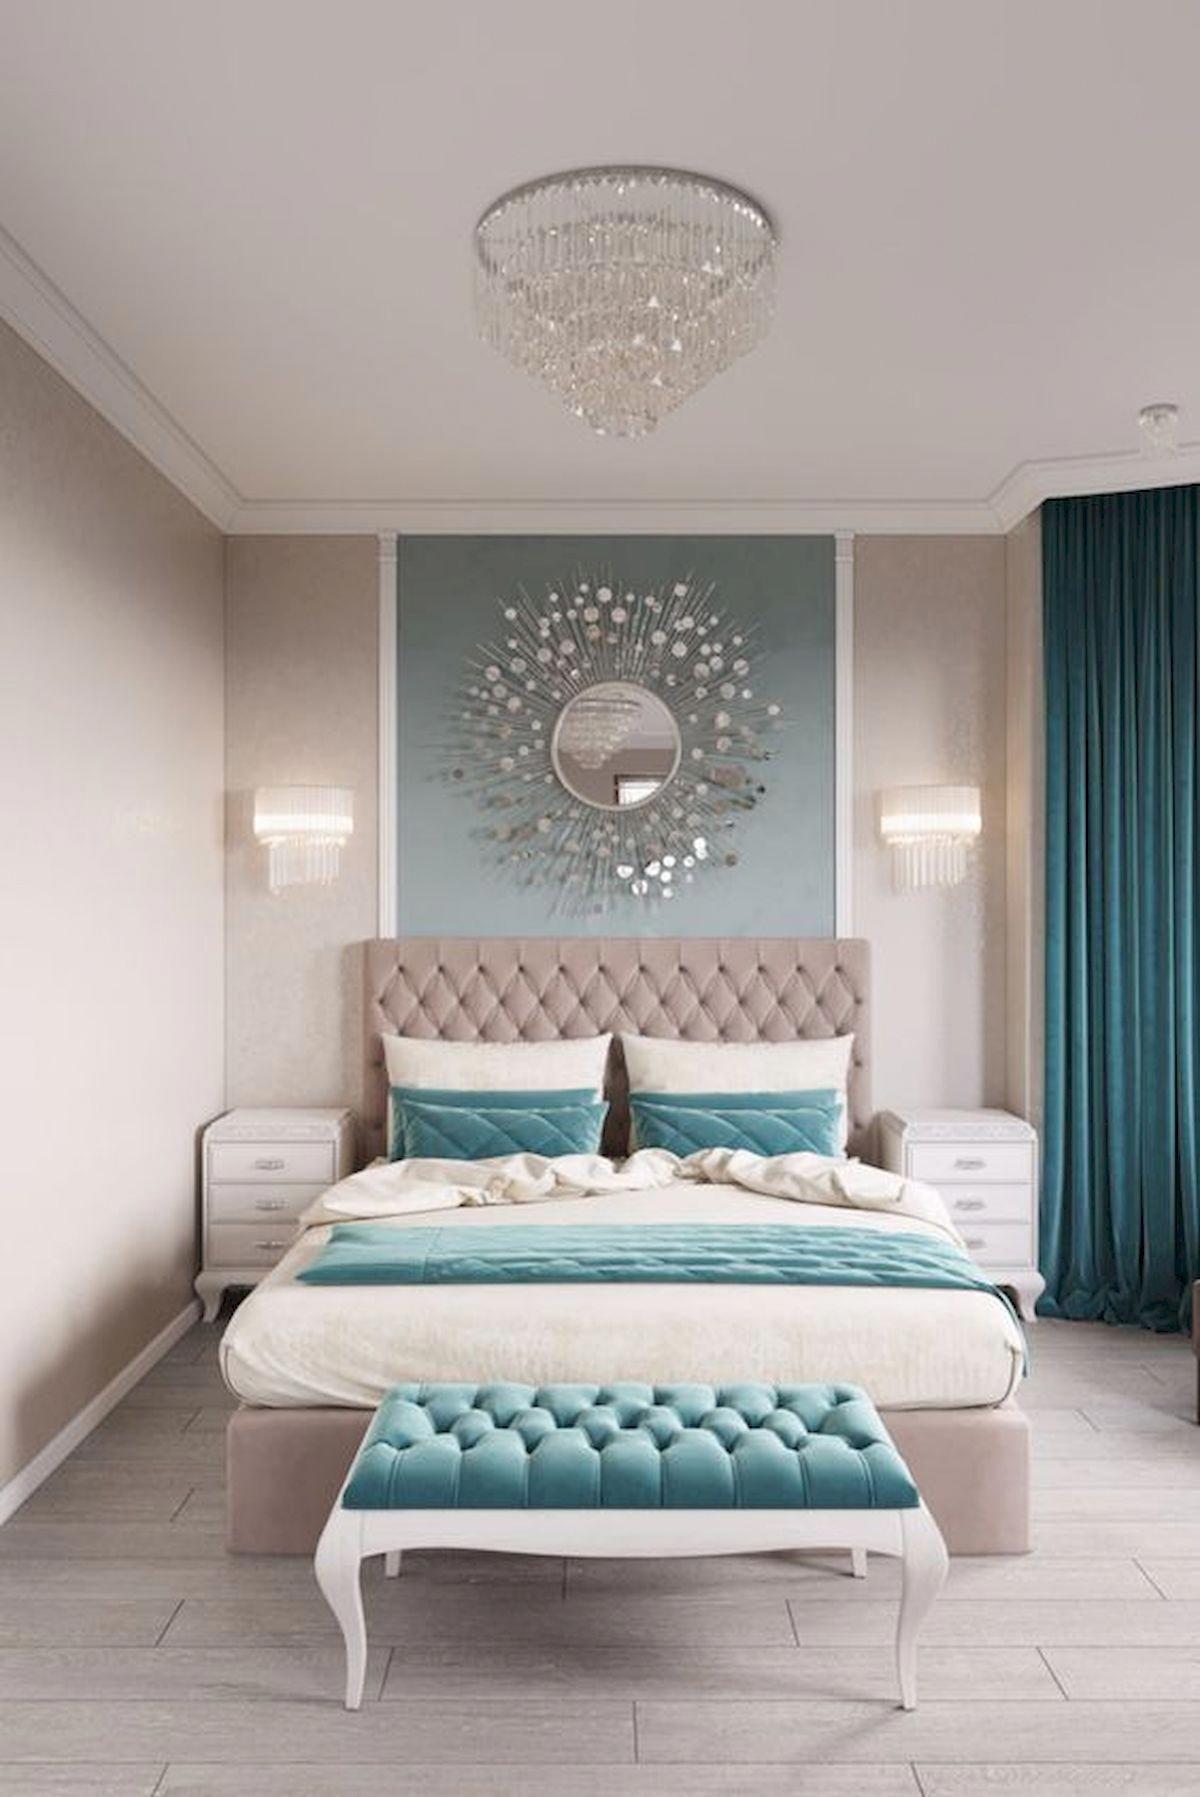 Decoratingideas luxury decor bedroom design rustic designs also decorating ideas in pinterest luxurious rh